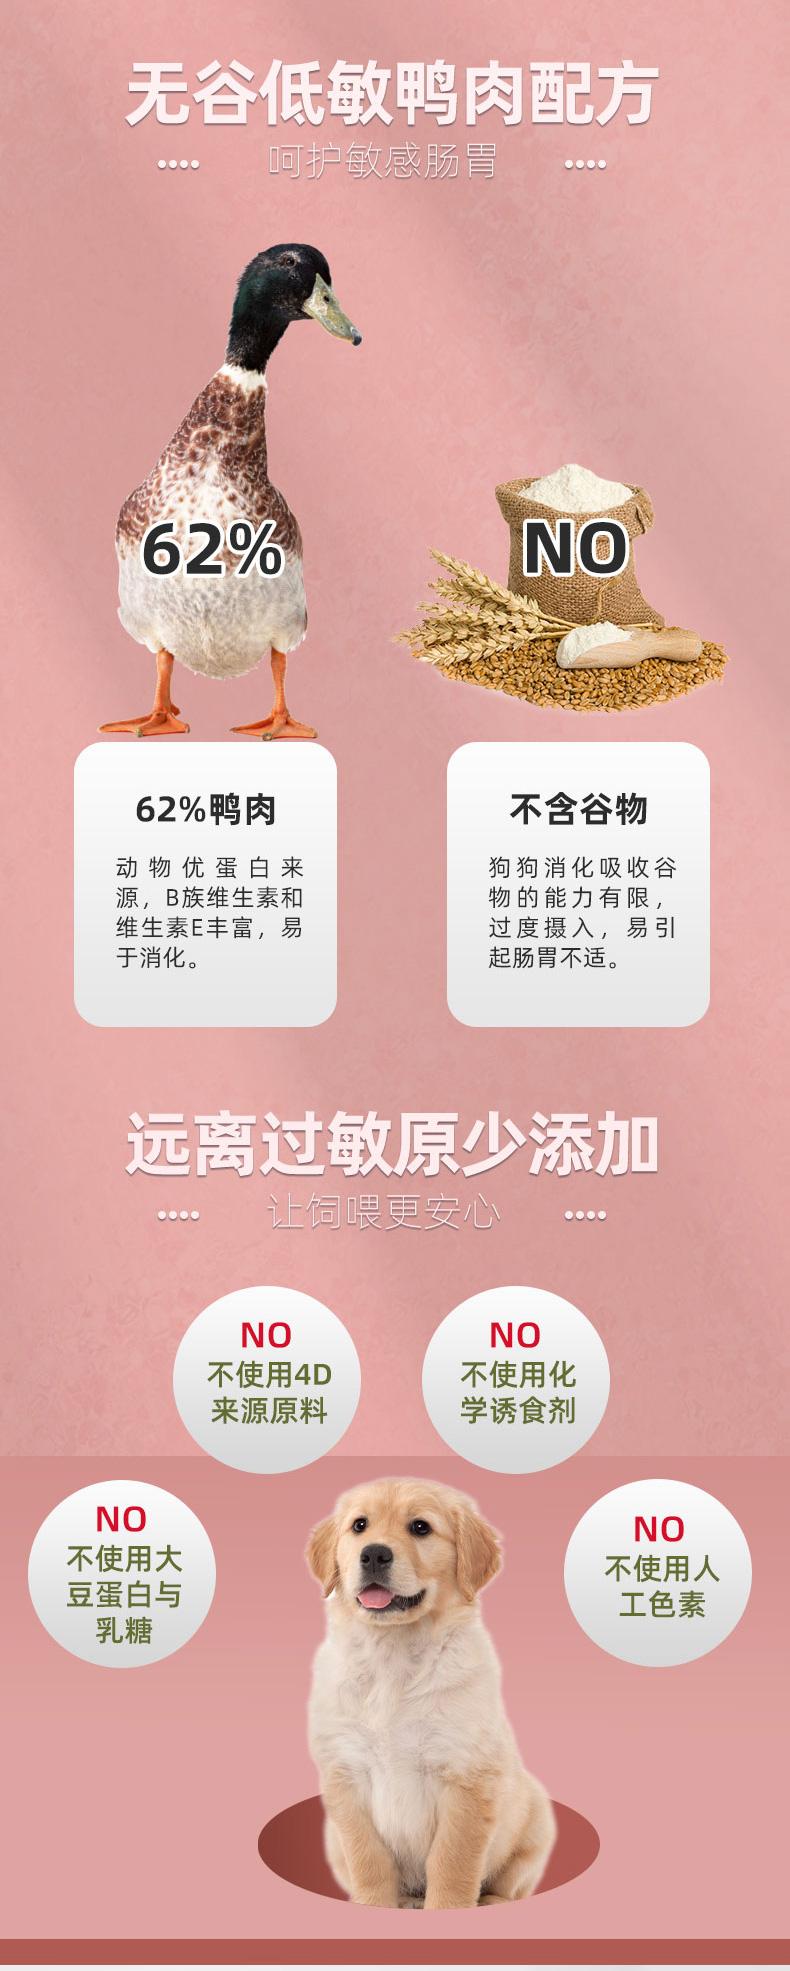 发育宝冻干鸭肉青海苔狗食无谷物添加通用幼犬粮详细照片